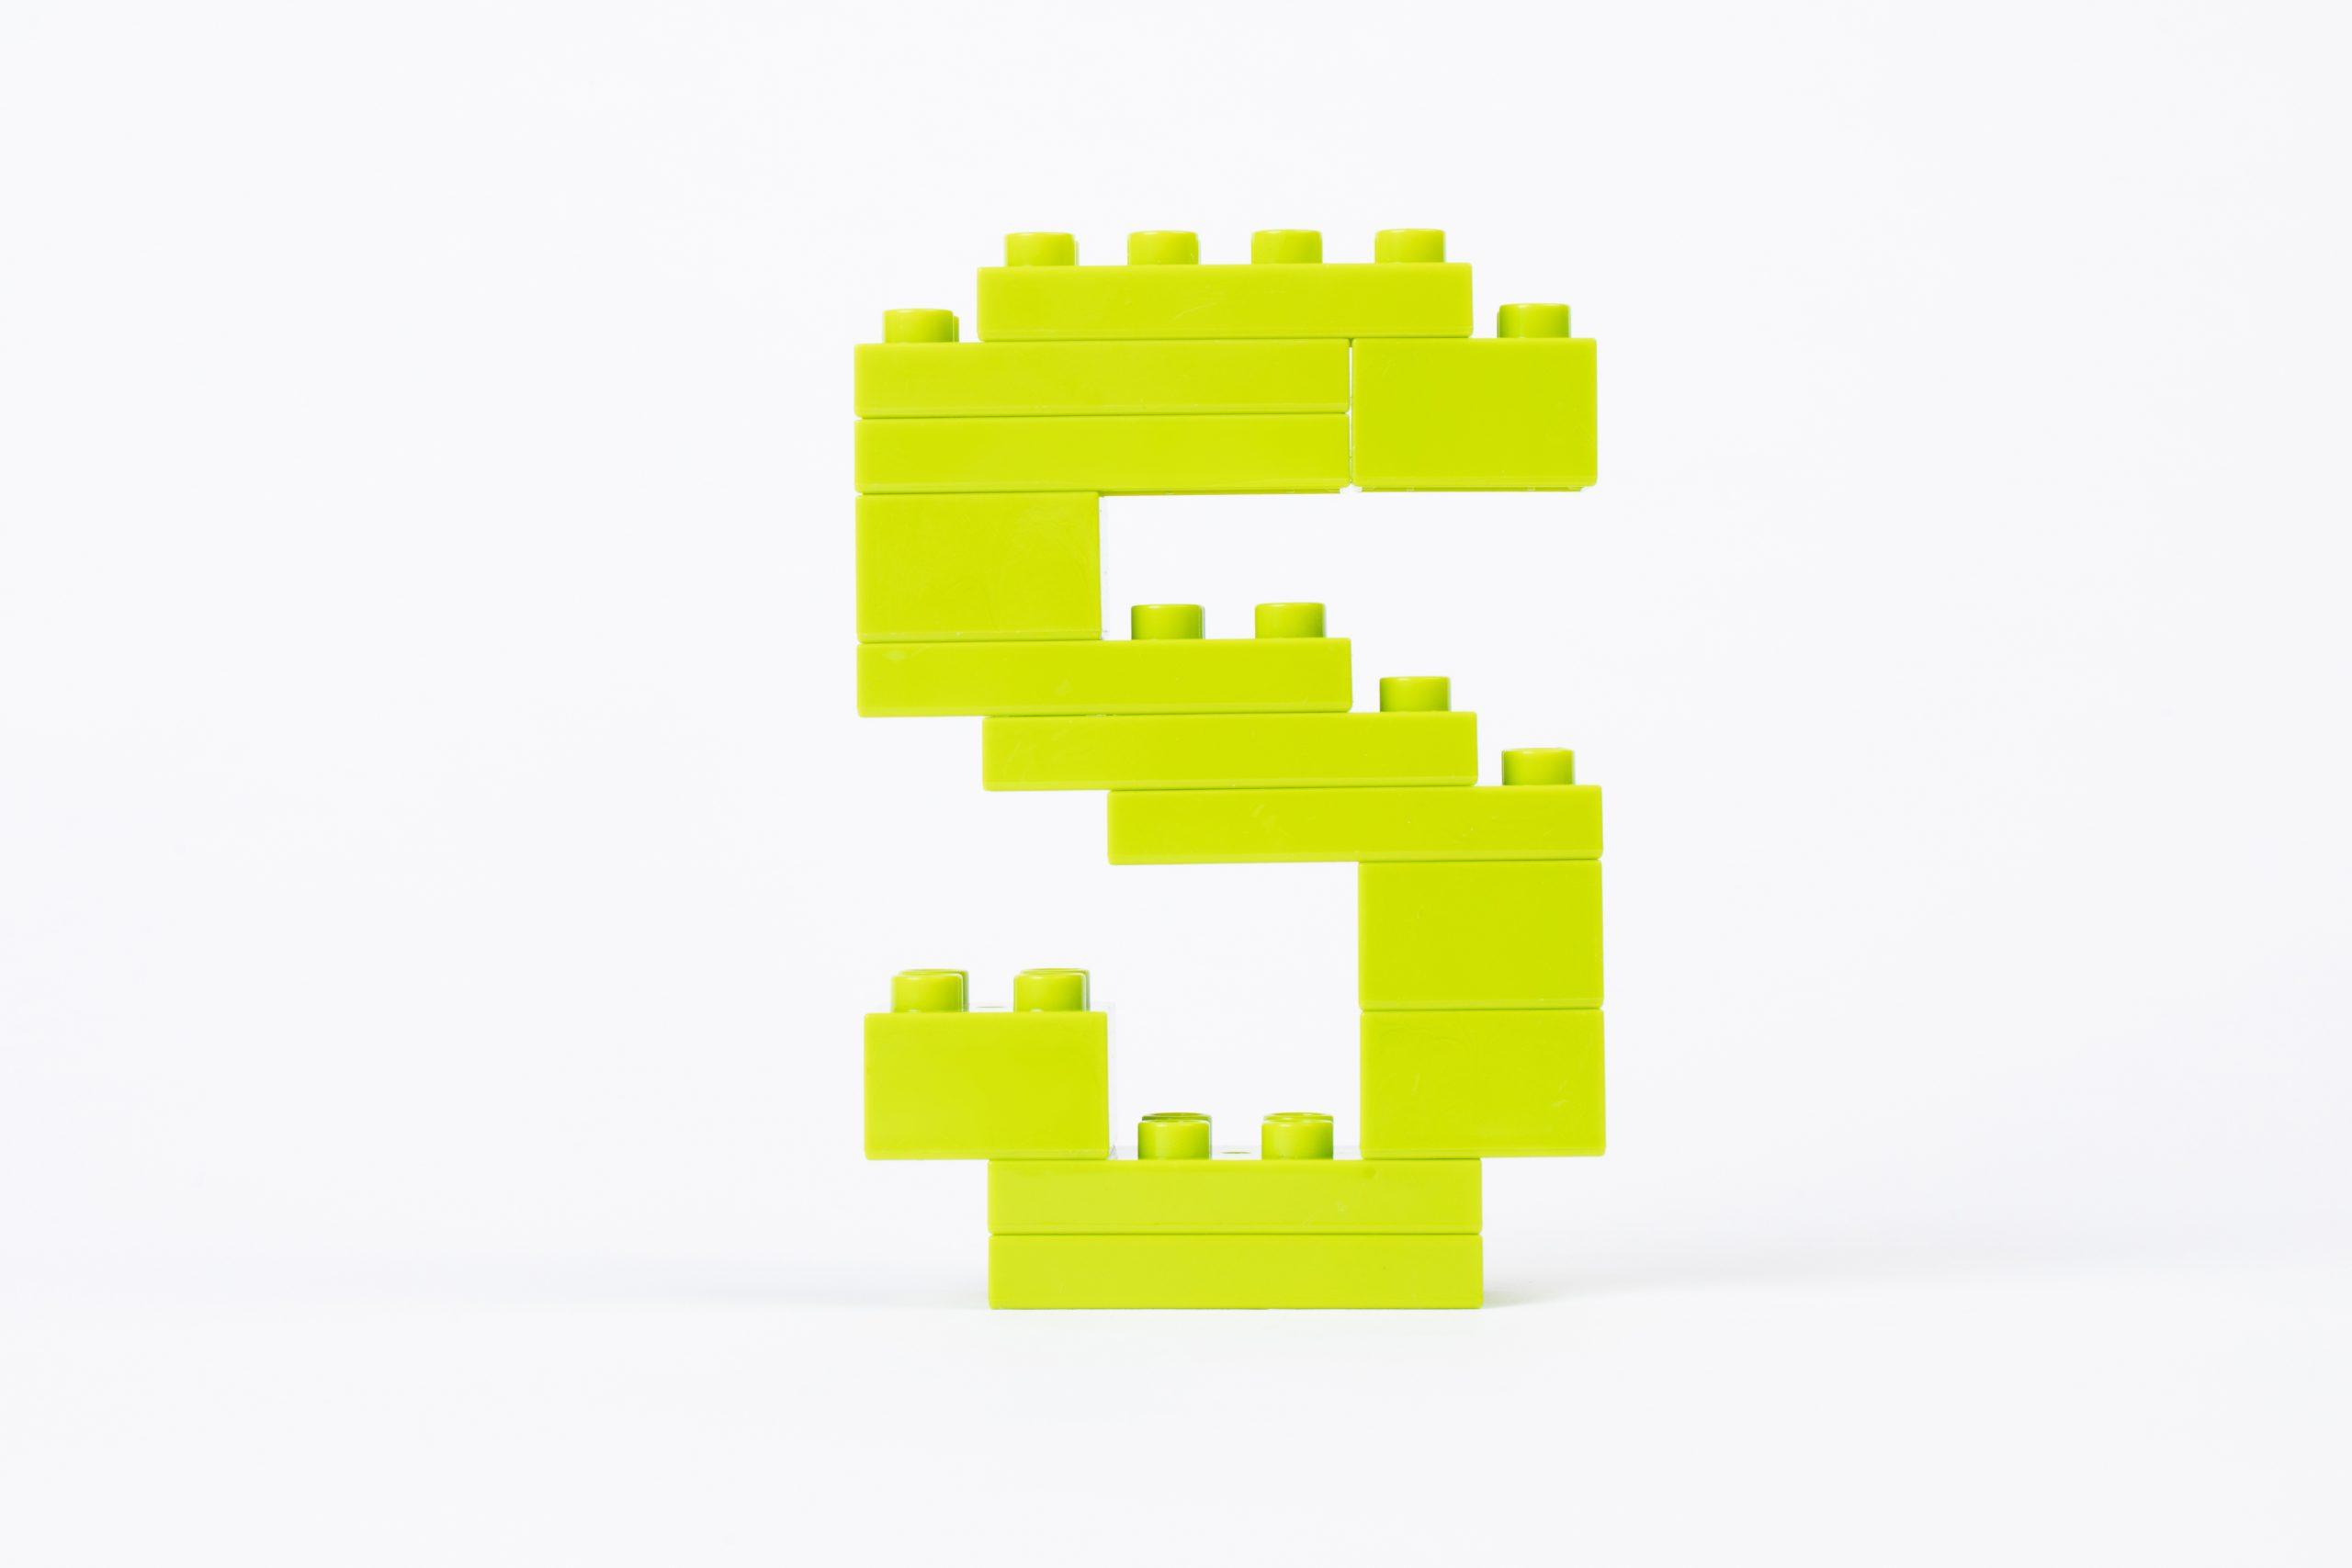 数字能量的5和0怎么解读?数字能量学0和5怎么解